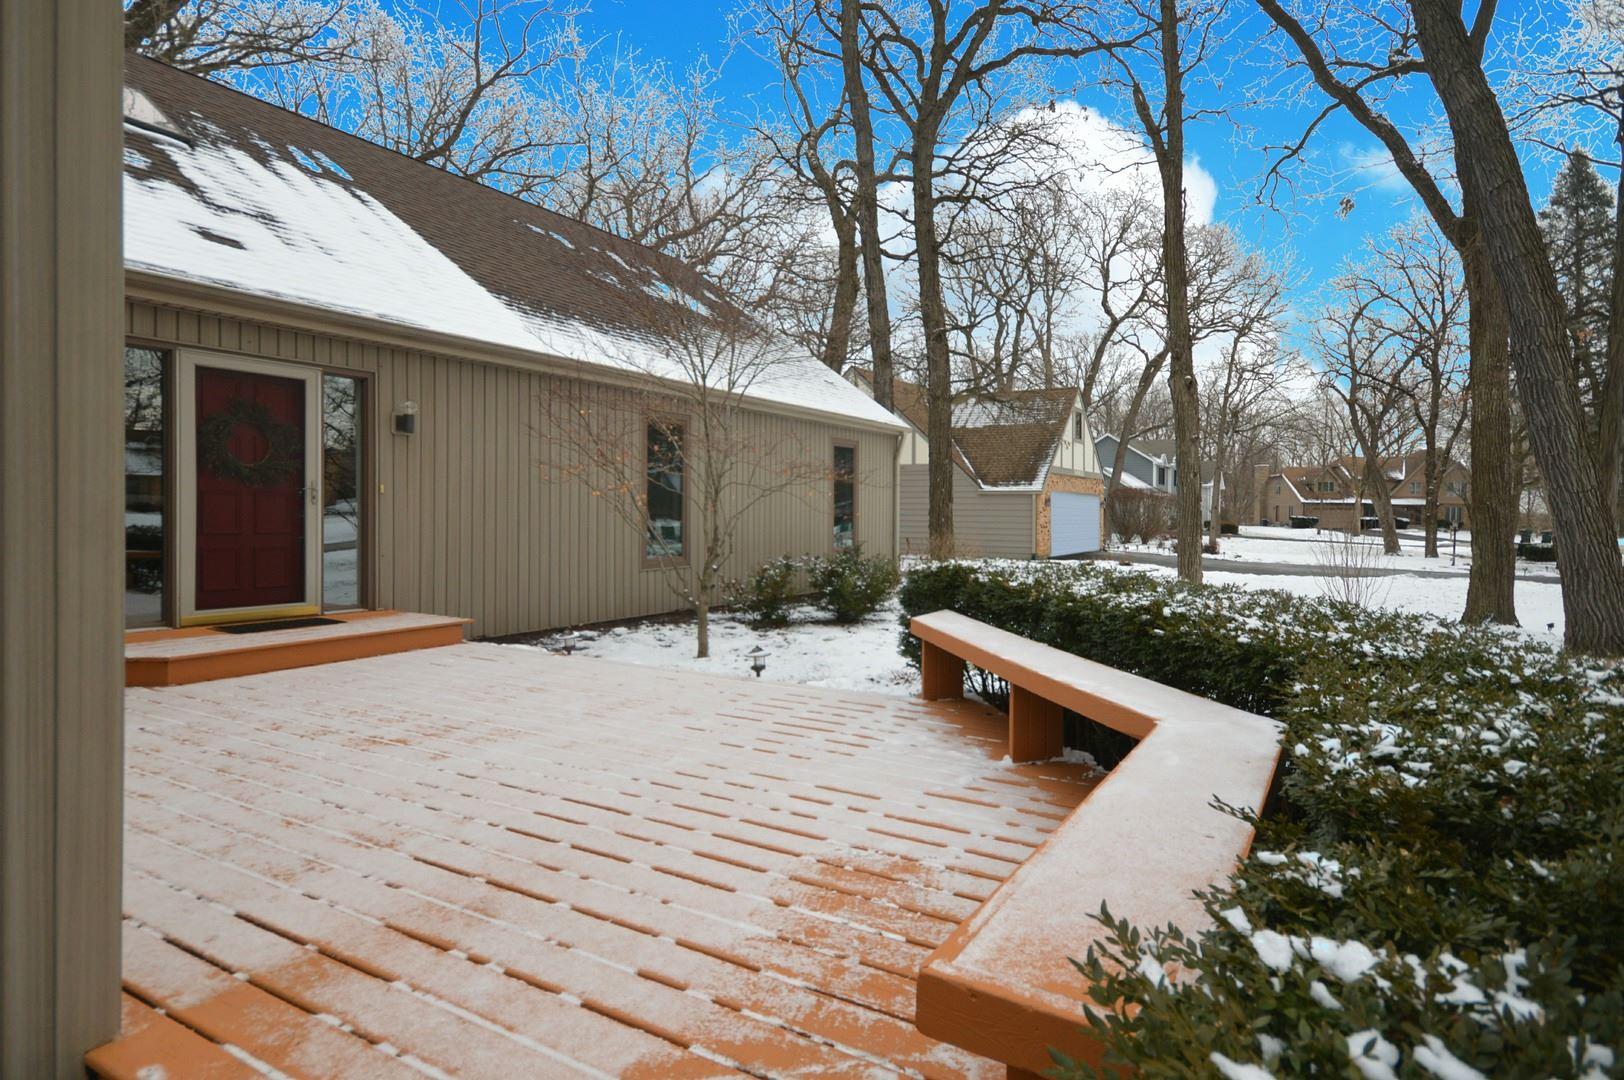 Photo of 24444 W Kipling Court, Joliet, IL 60404 (MLS # 10996232)